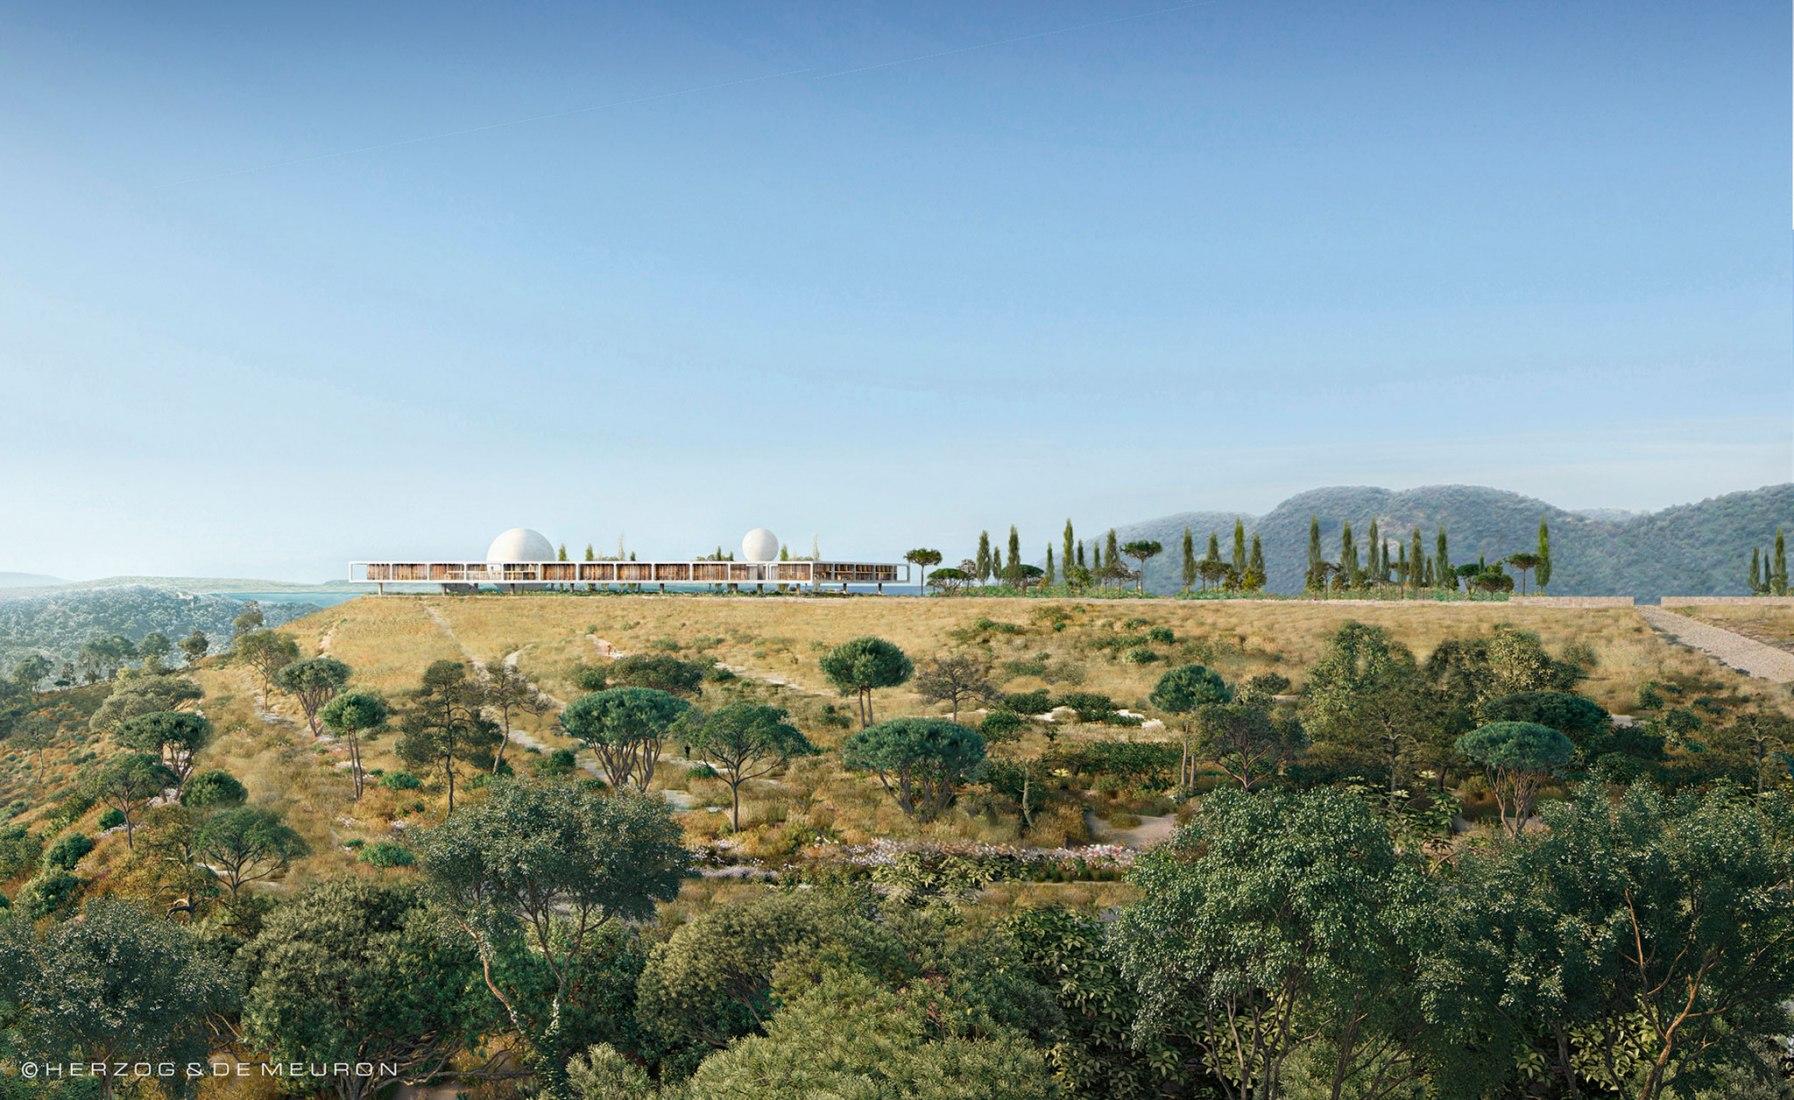 Los arquitectos suizos Herzog y de Meuron han presentado visualizaciones para una nueva sede del Instituto Berggruen en Los Ángeles. Imagen cortesía de Herzog and de Meuron